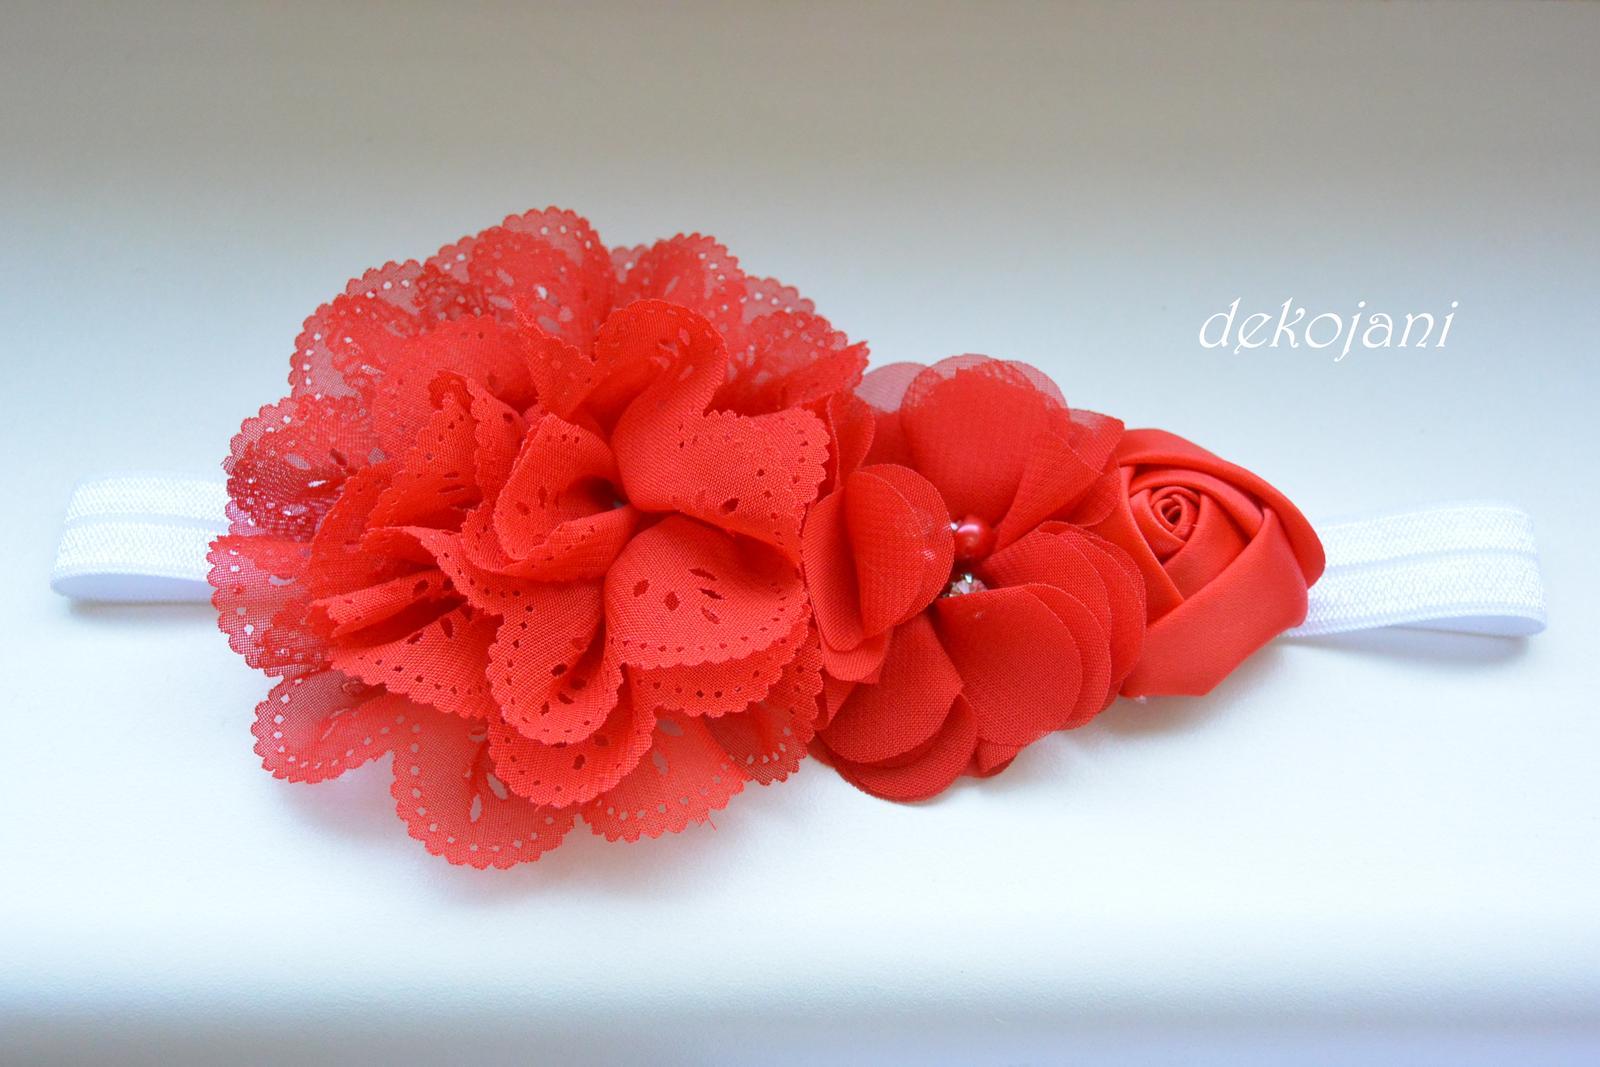 Čelenky, květiny do vlasů, náramky, obojek pro pejska... - Obrázek č. 60